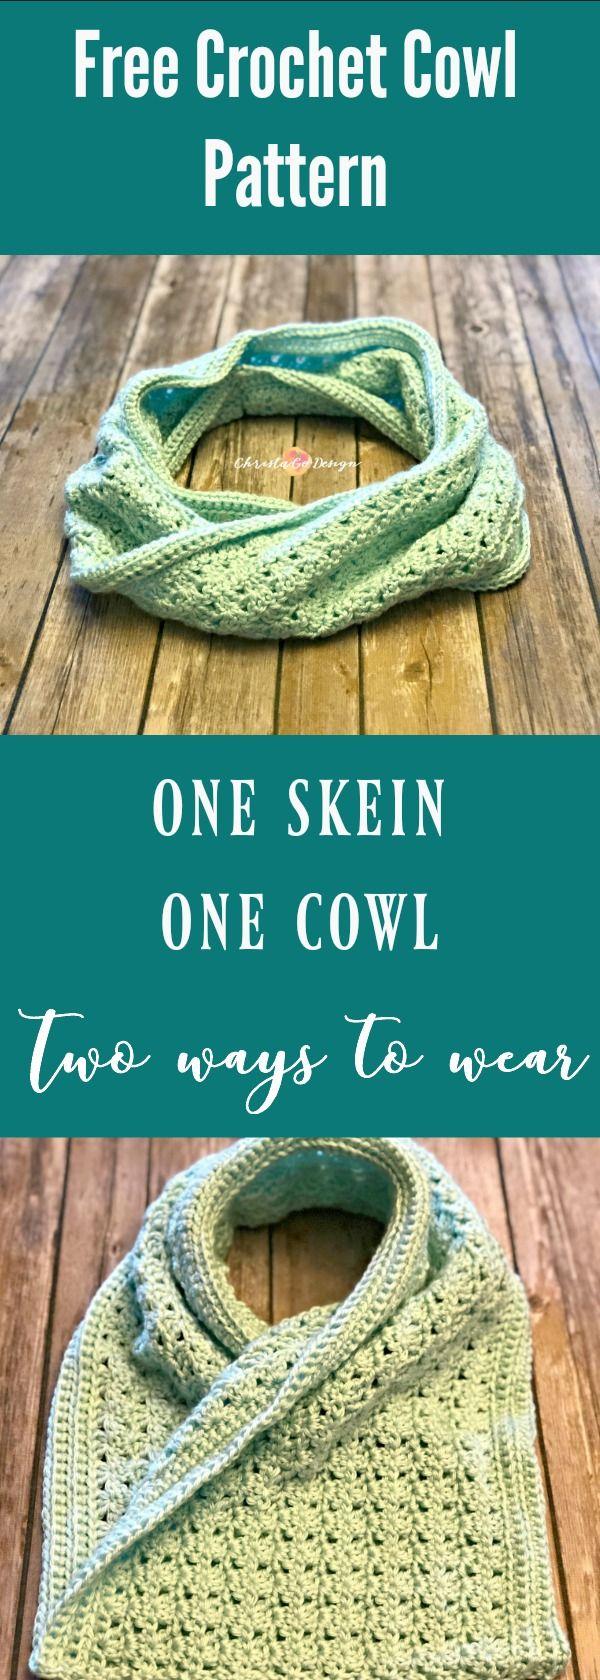 Two Way Cowl Free Crochet Pattern   Crochet cowl free ...